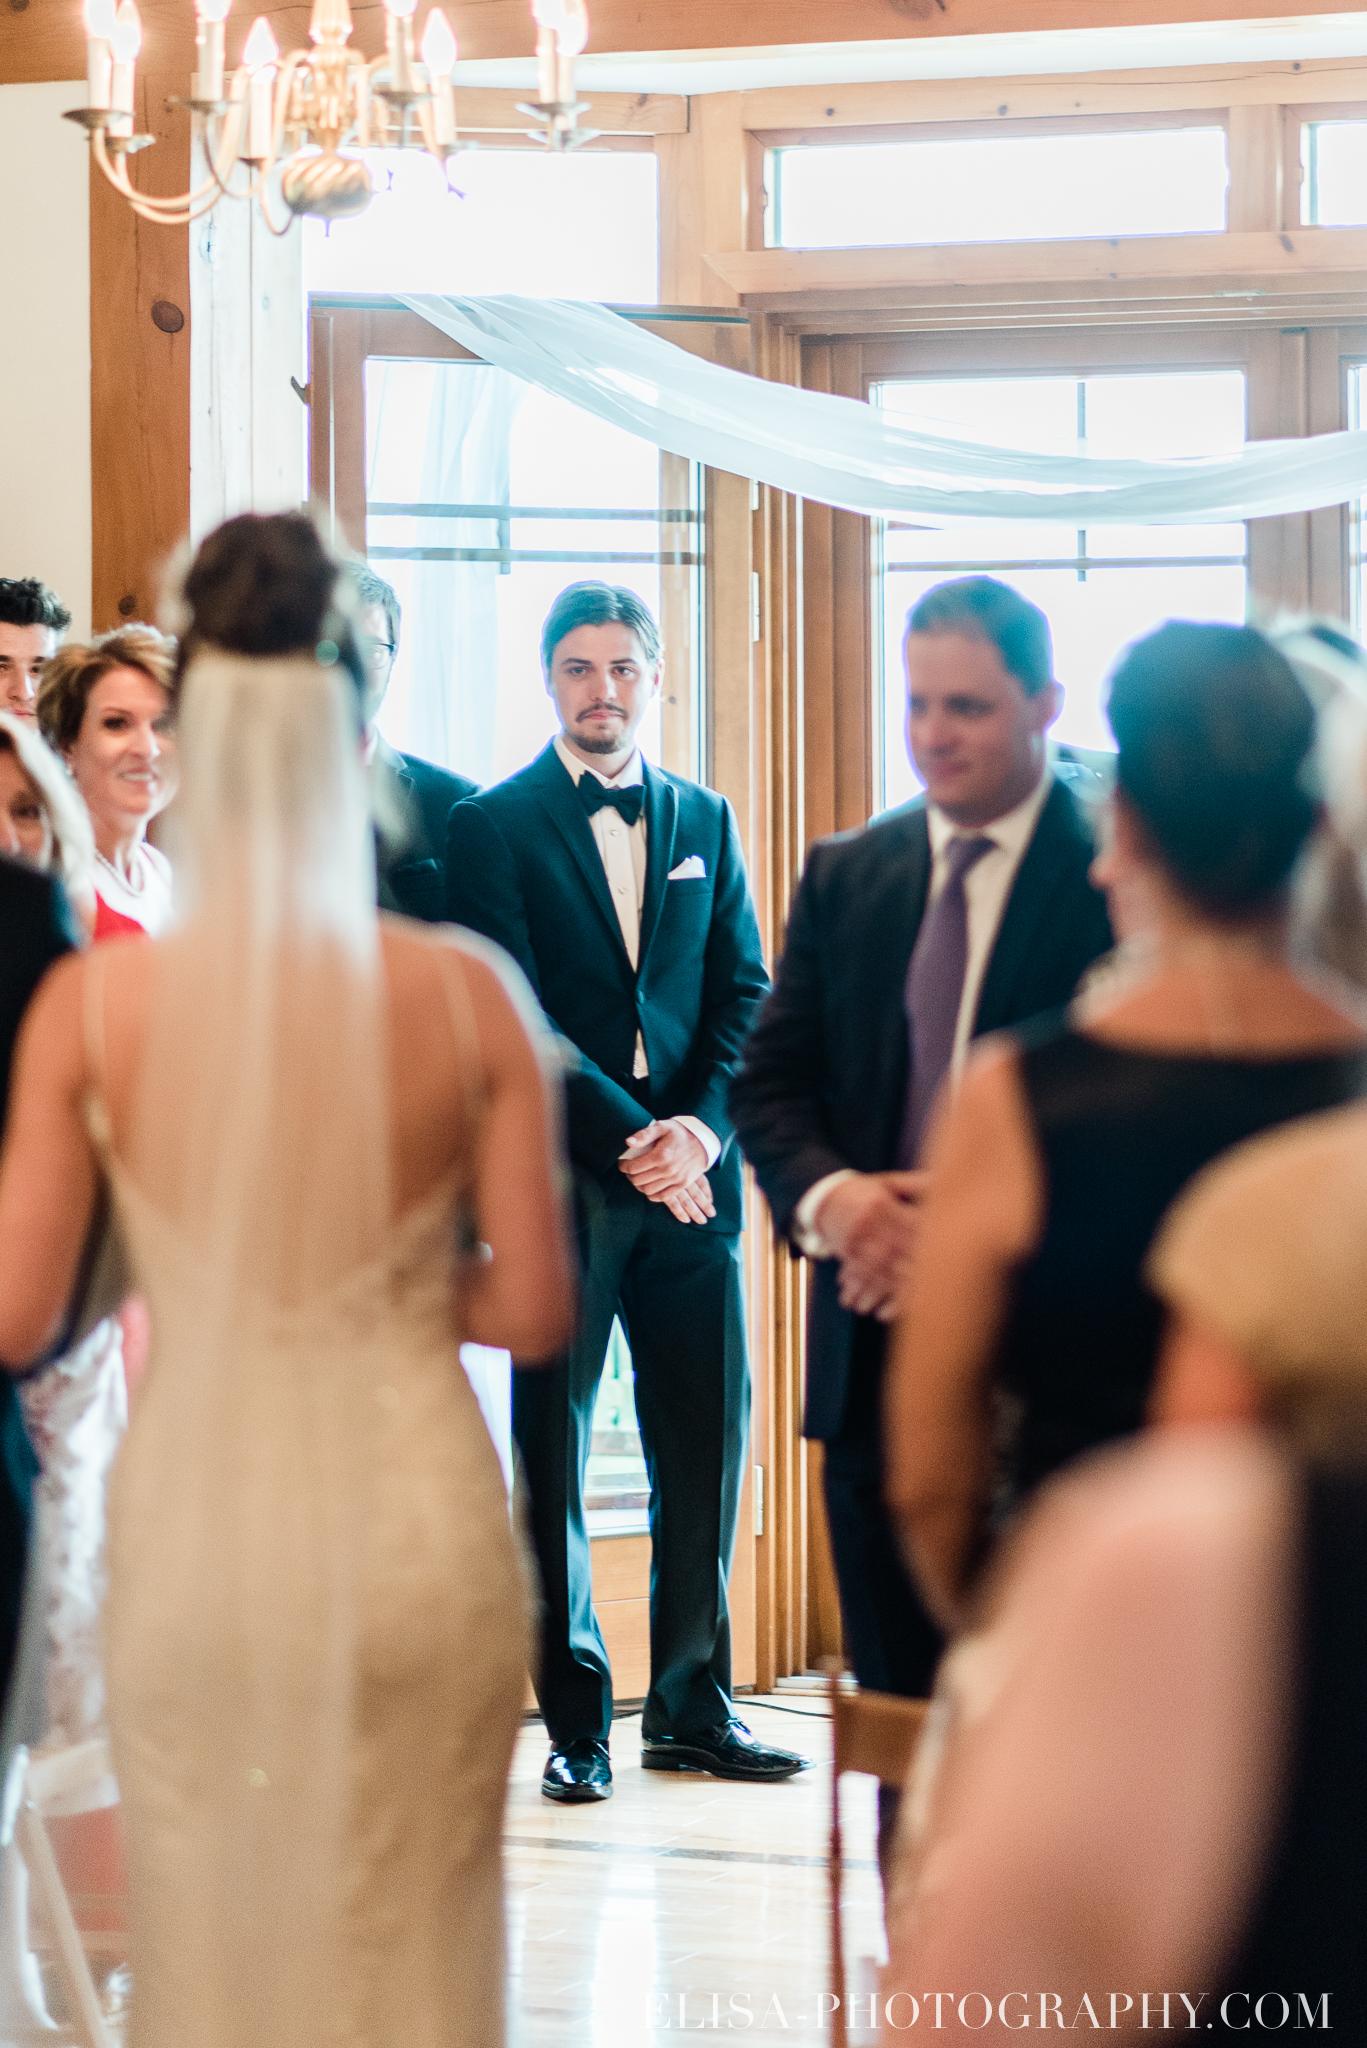 photo mariage a la montagne domaine tomali maniatin ceremonie voeux echange des alliances 5934 - Mariage à la montagne au domaine Tomali-Maniatyn